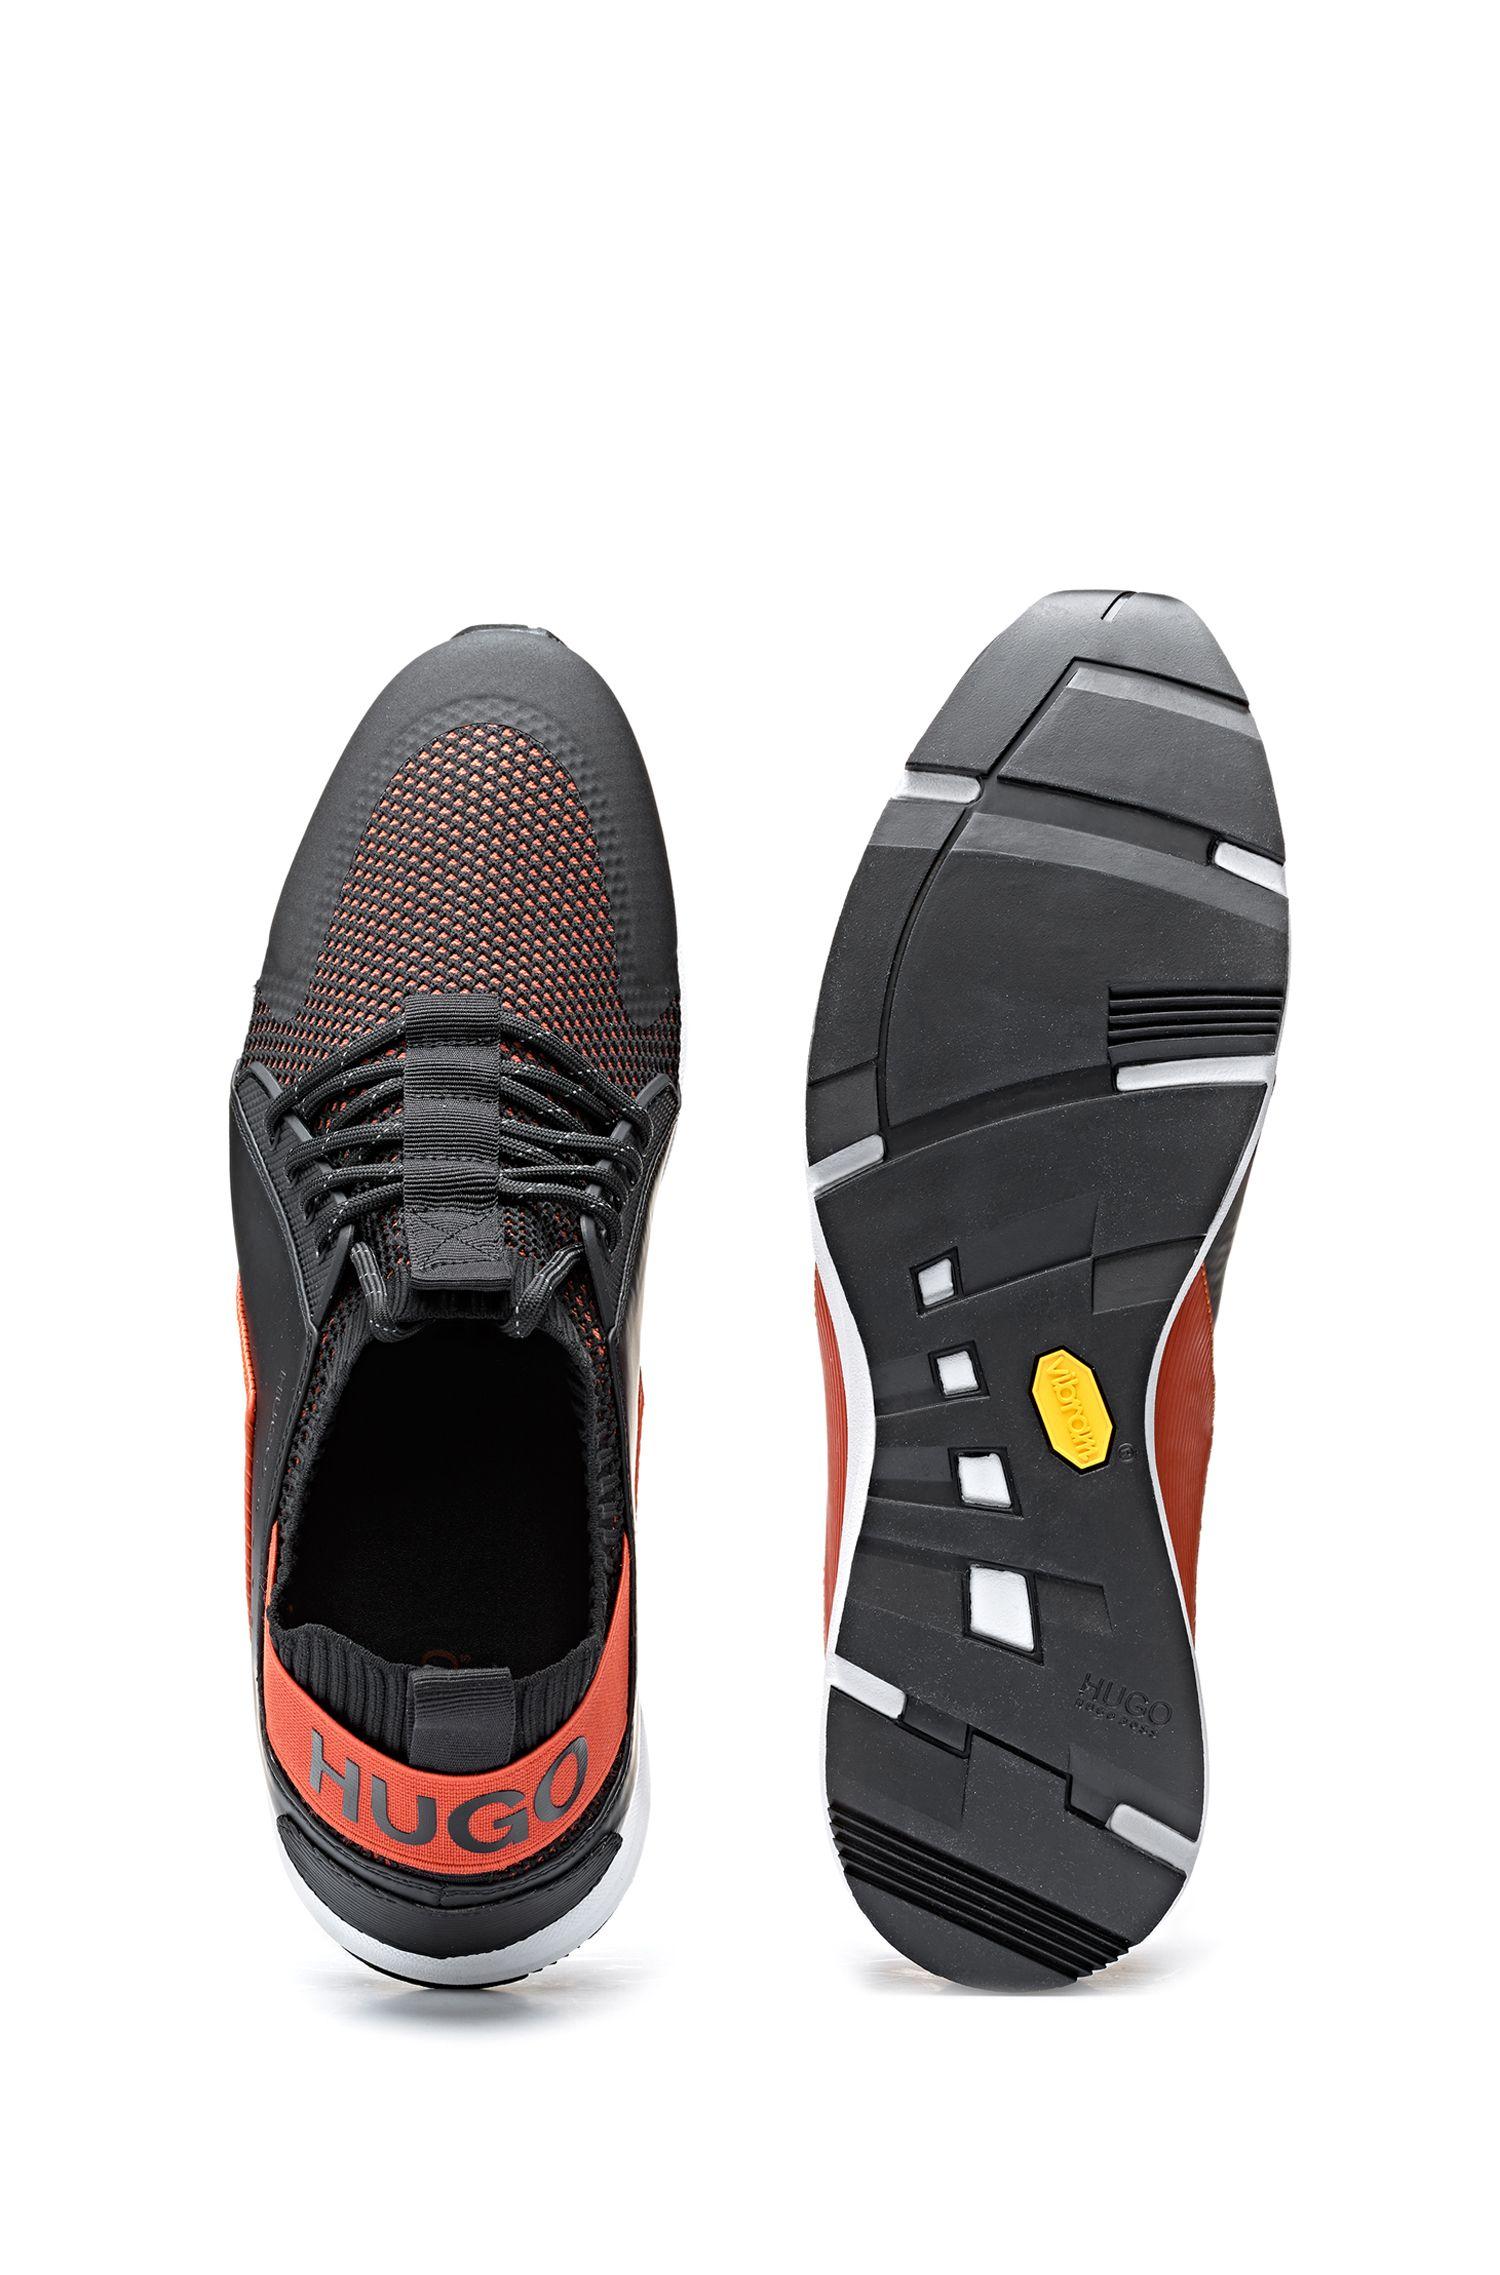 Hybrid-Sneakers im Colour-Block-Design mit Stricksocke, Schwarz